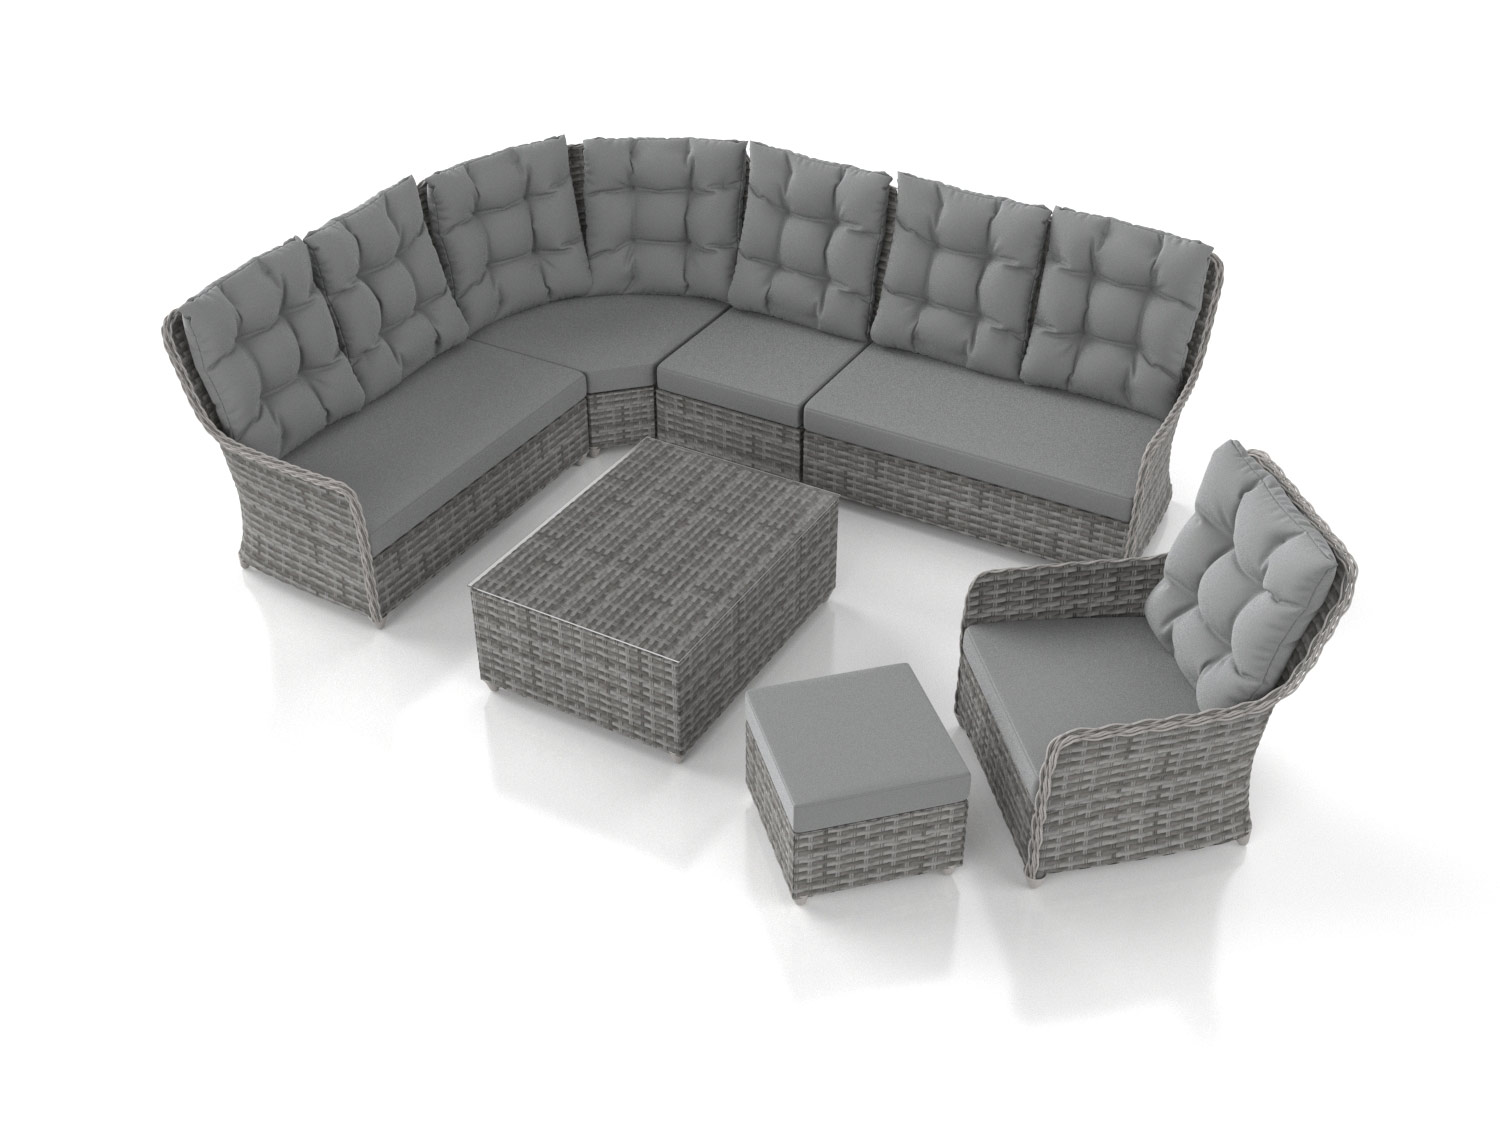 Artelia gartenm bel set im lounge design g nstig im for Couchlandschaft grau